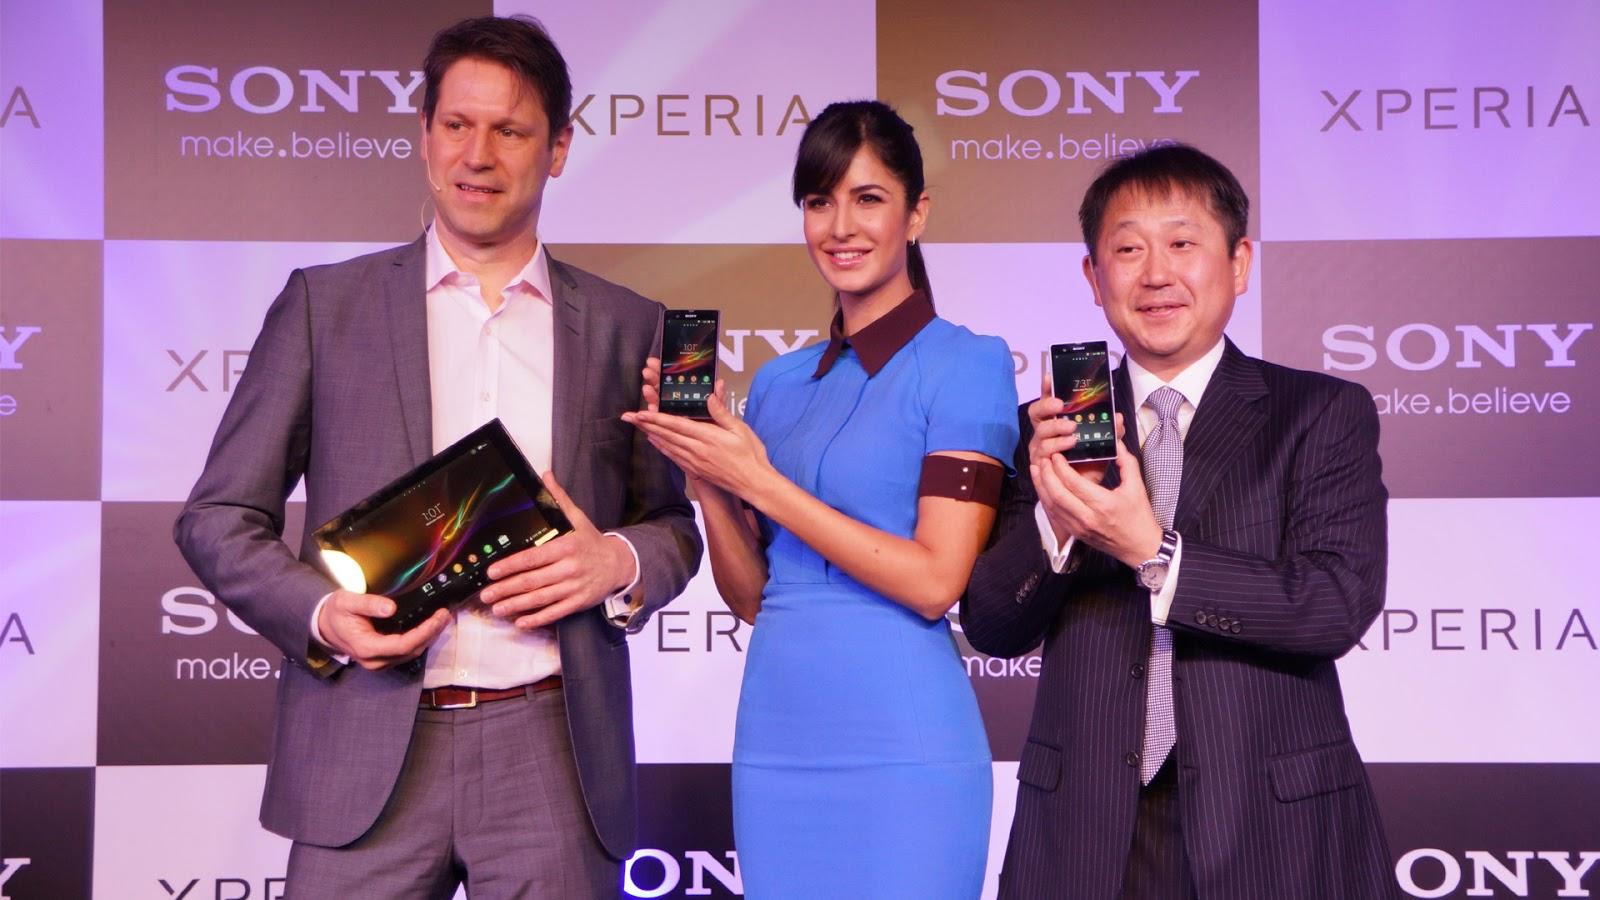 http://4.bp.blogspot.com/-icmeXAcBFDU/UUHuHnrTYSI/AAAAAAAAgGA/cC3989FxPmM/s1600/Sony+Xperia+Z.jpg